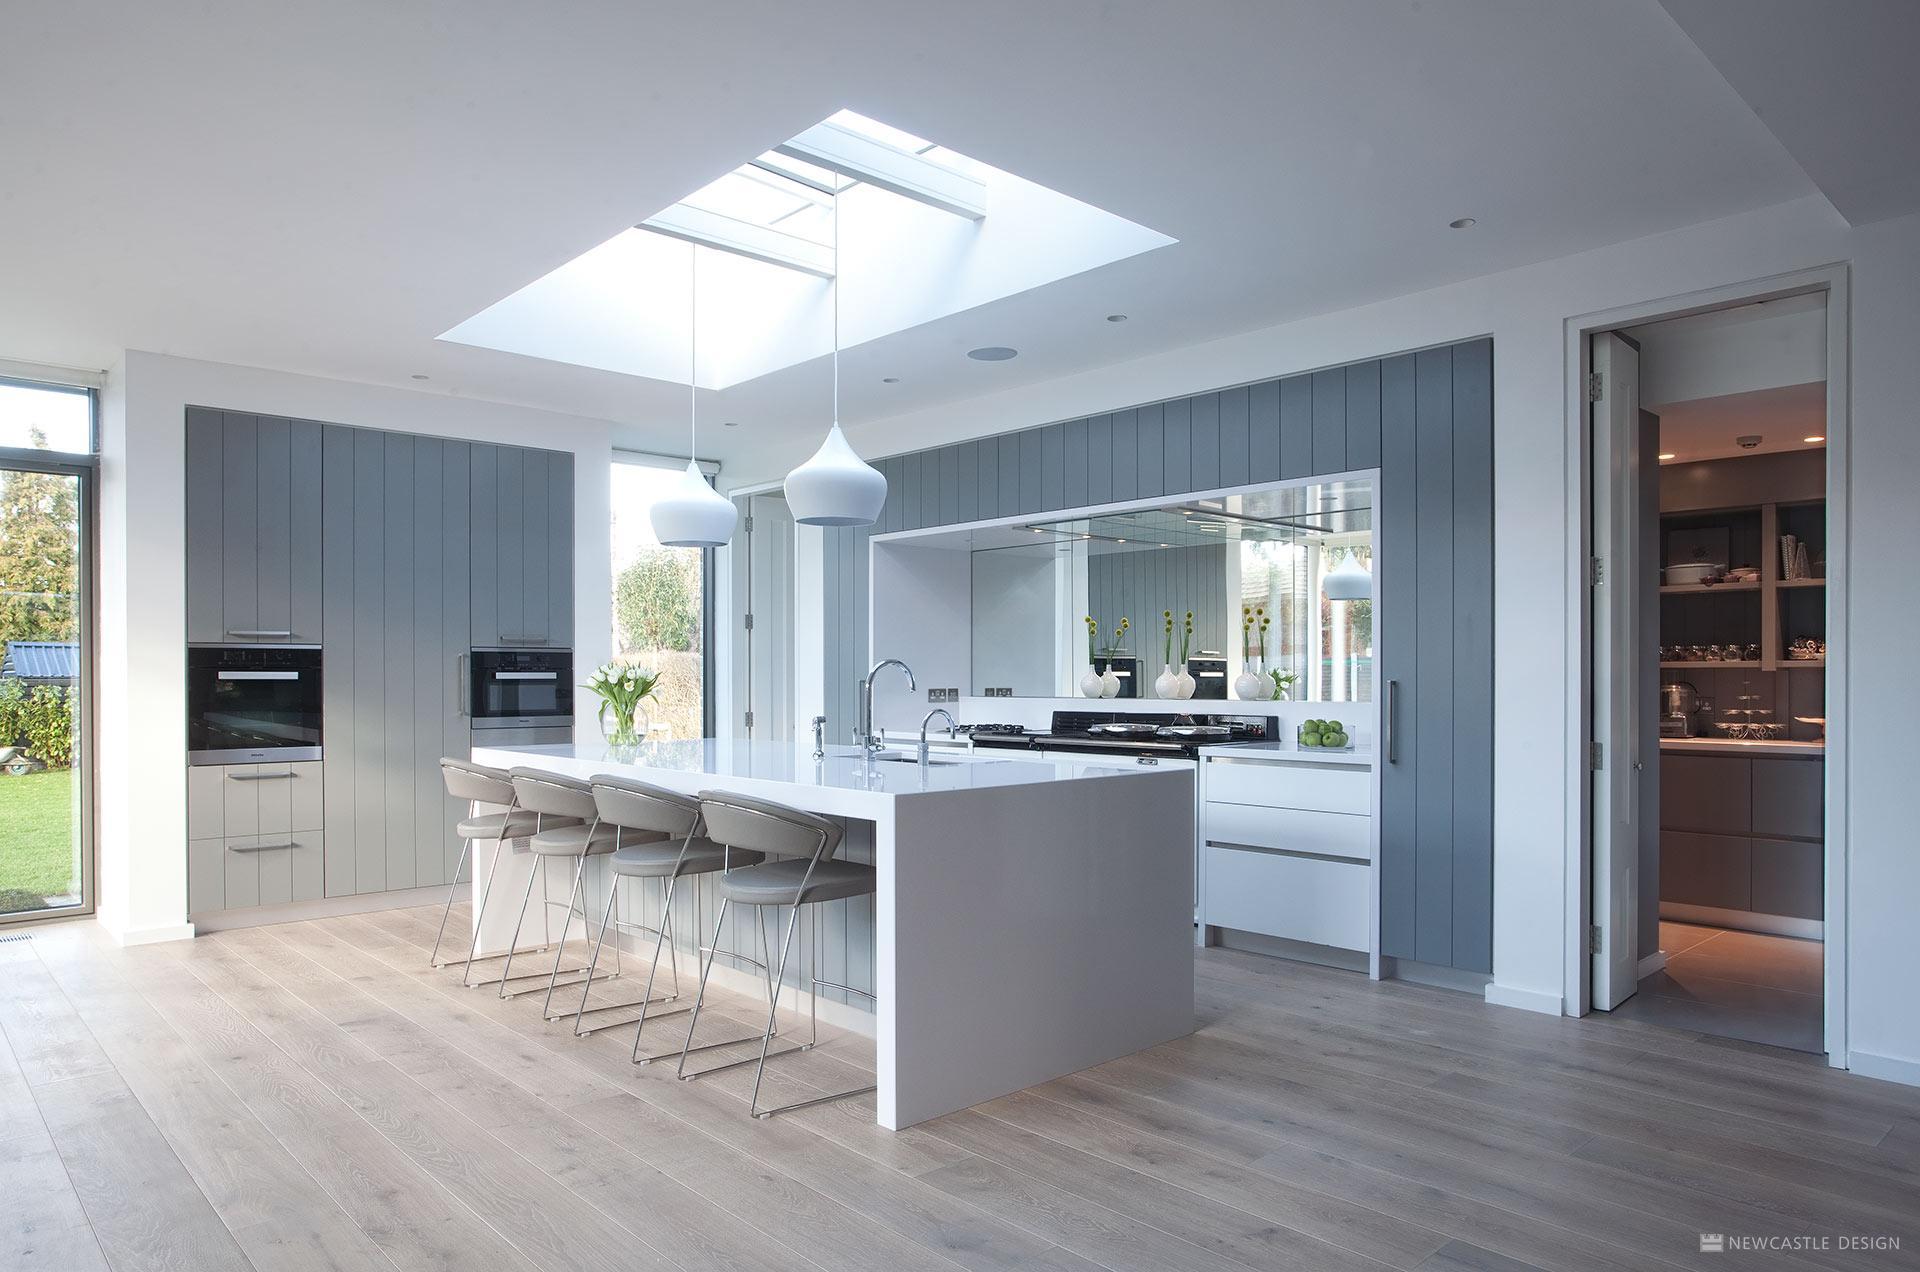 Mirror Splashback | Kitchen Mirror Natural Lighting